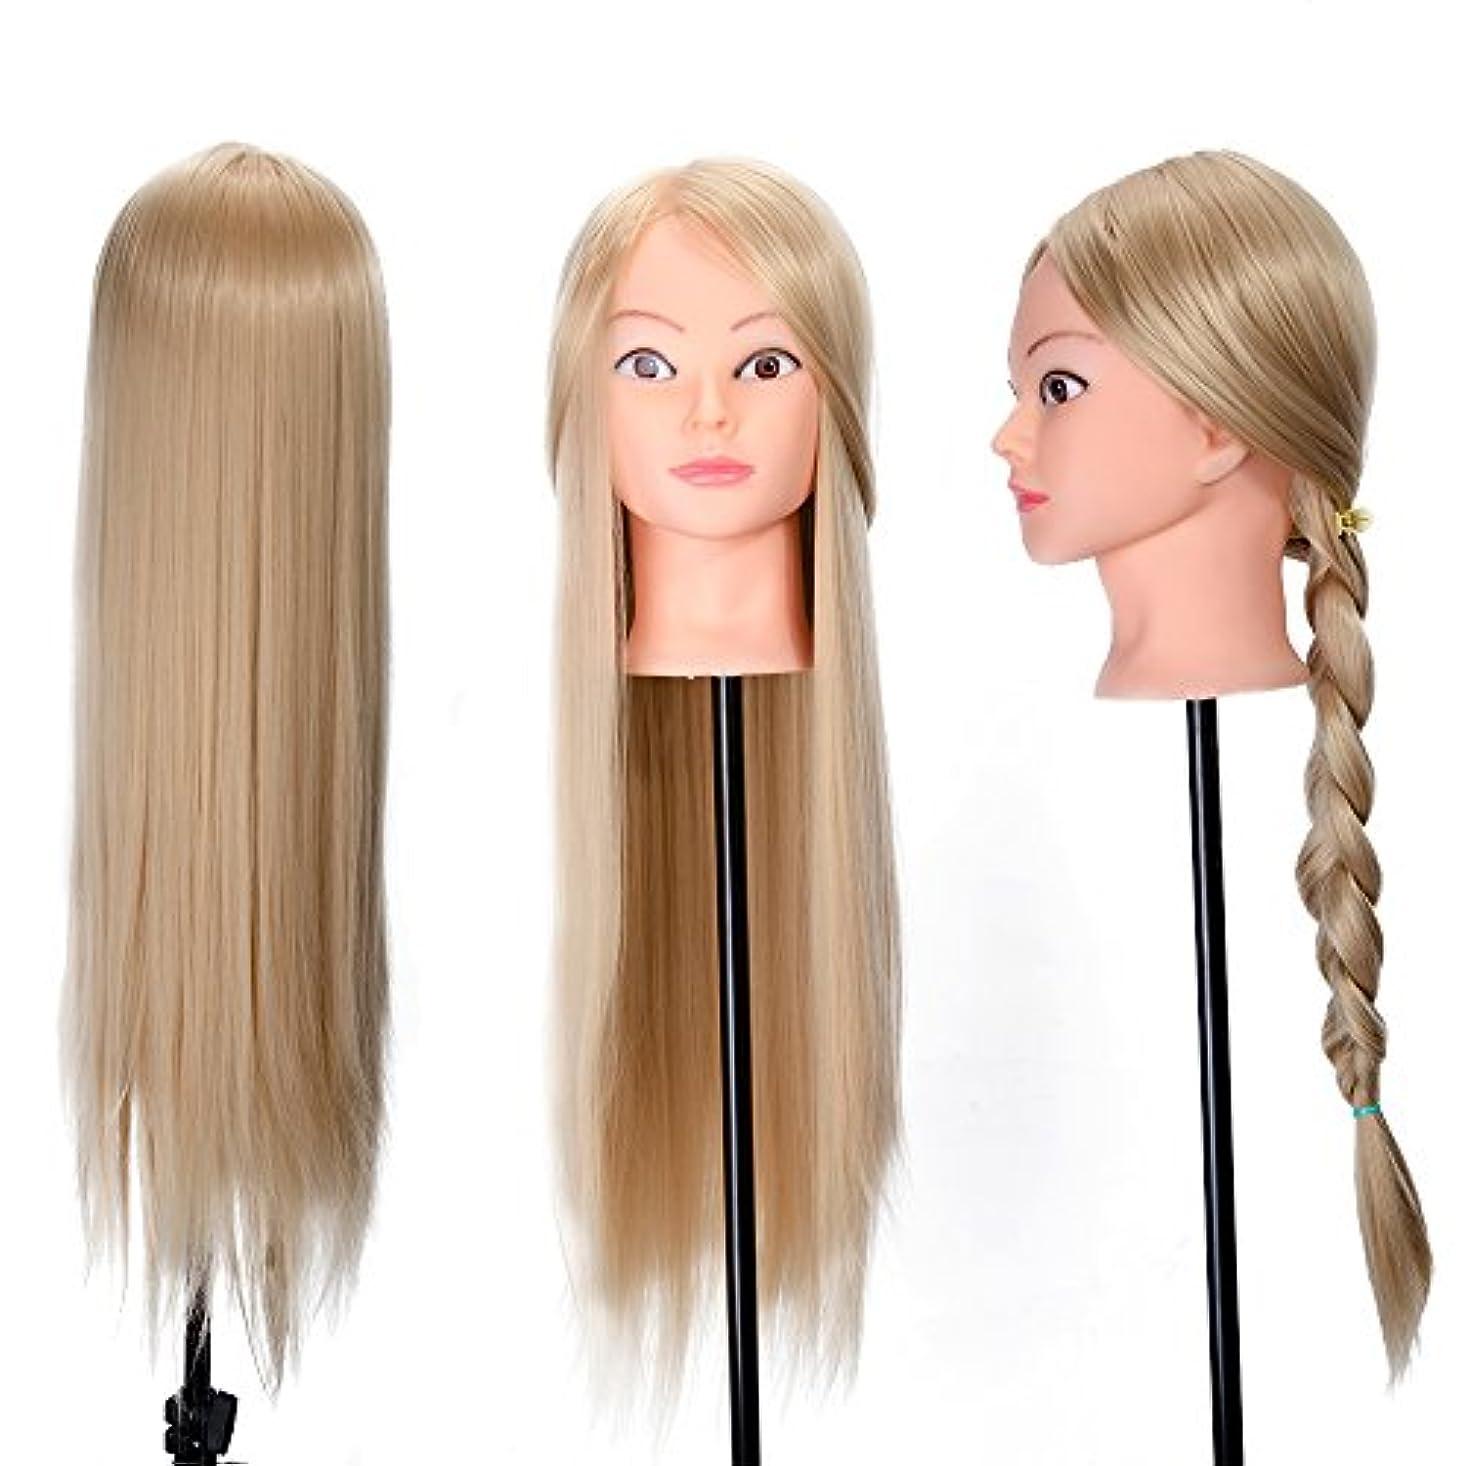 複数告発者エピソード26インチトレーニングヘッドヘア編組モデルヘアスタイル人形でテーブルクランプサロンスタイリングデザインマネキンダミーヘッド